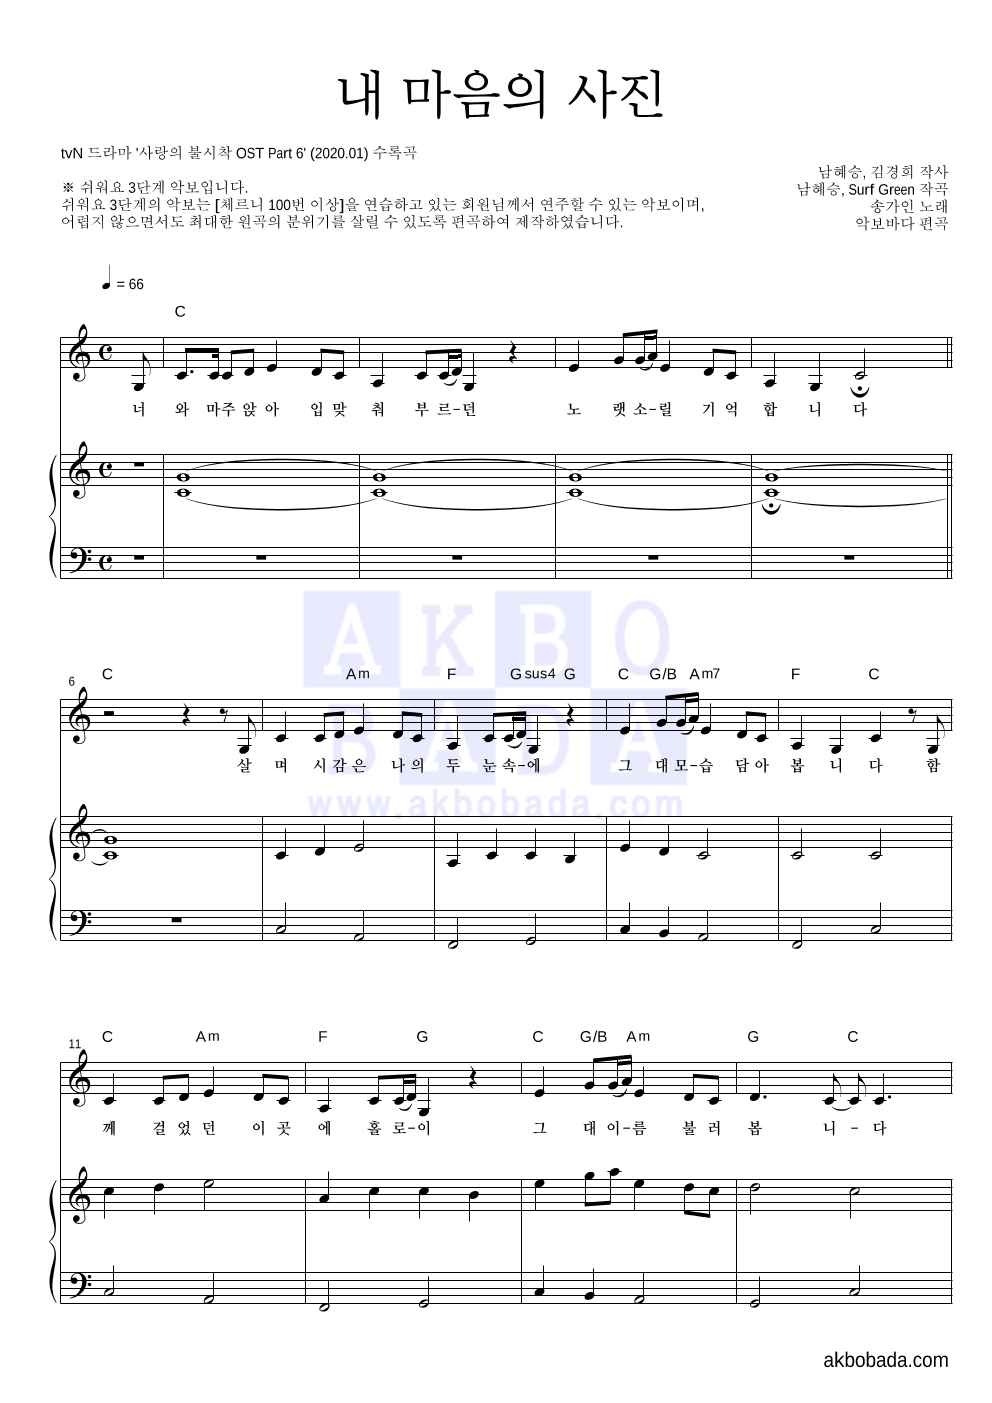 송가인 - 내 마음의 사진 피아노3단-쉬워요 악보